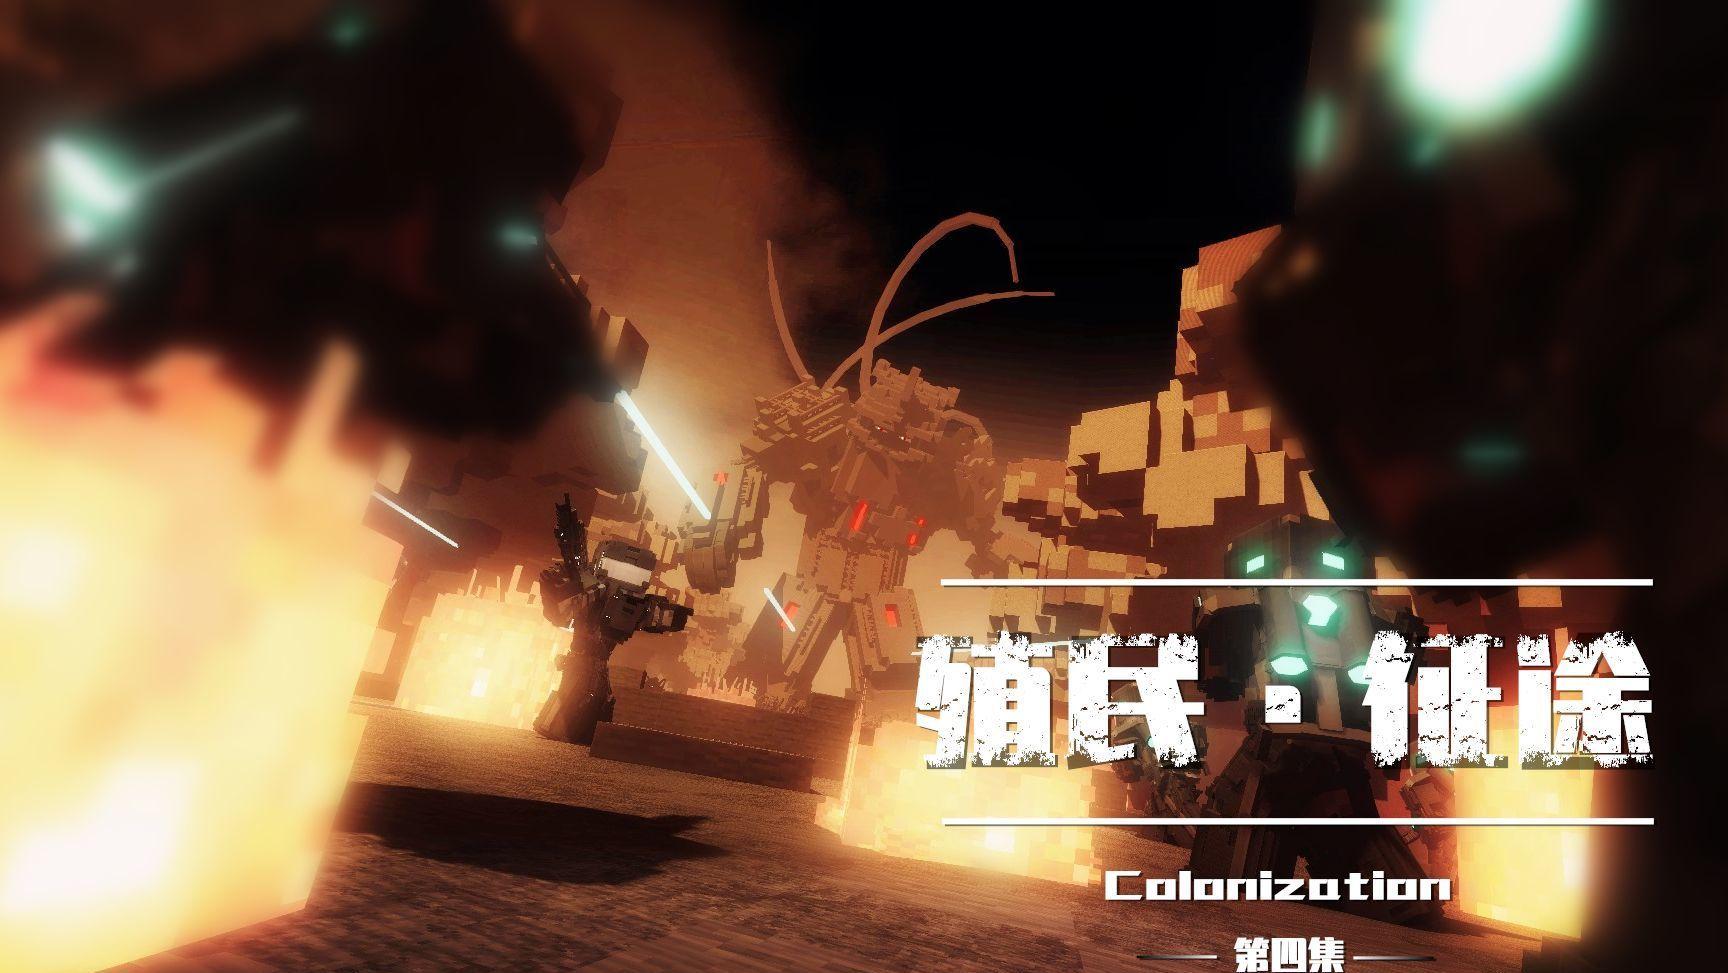 【MC动画】《殖民·征途》第四集----洪流